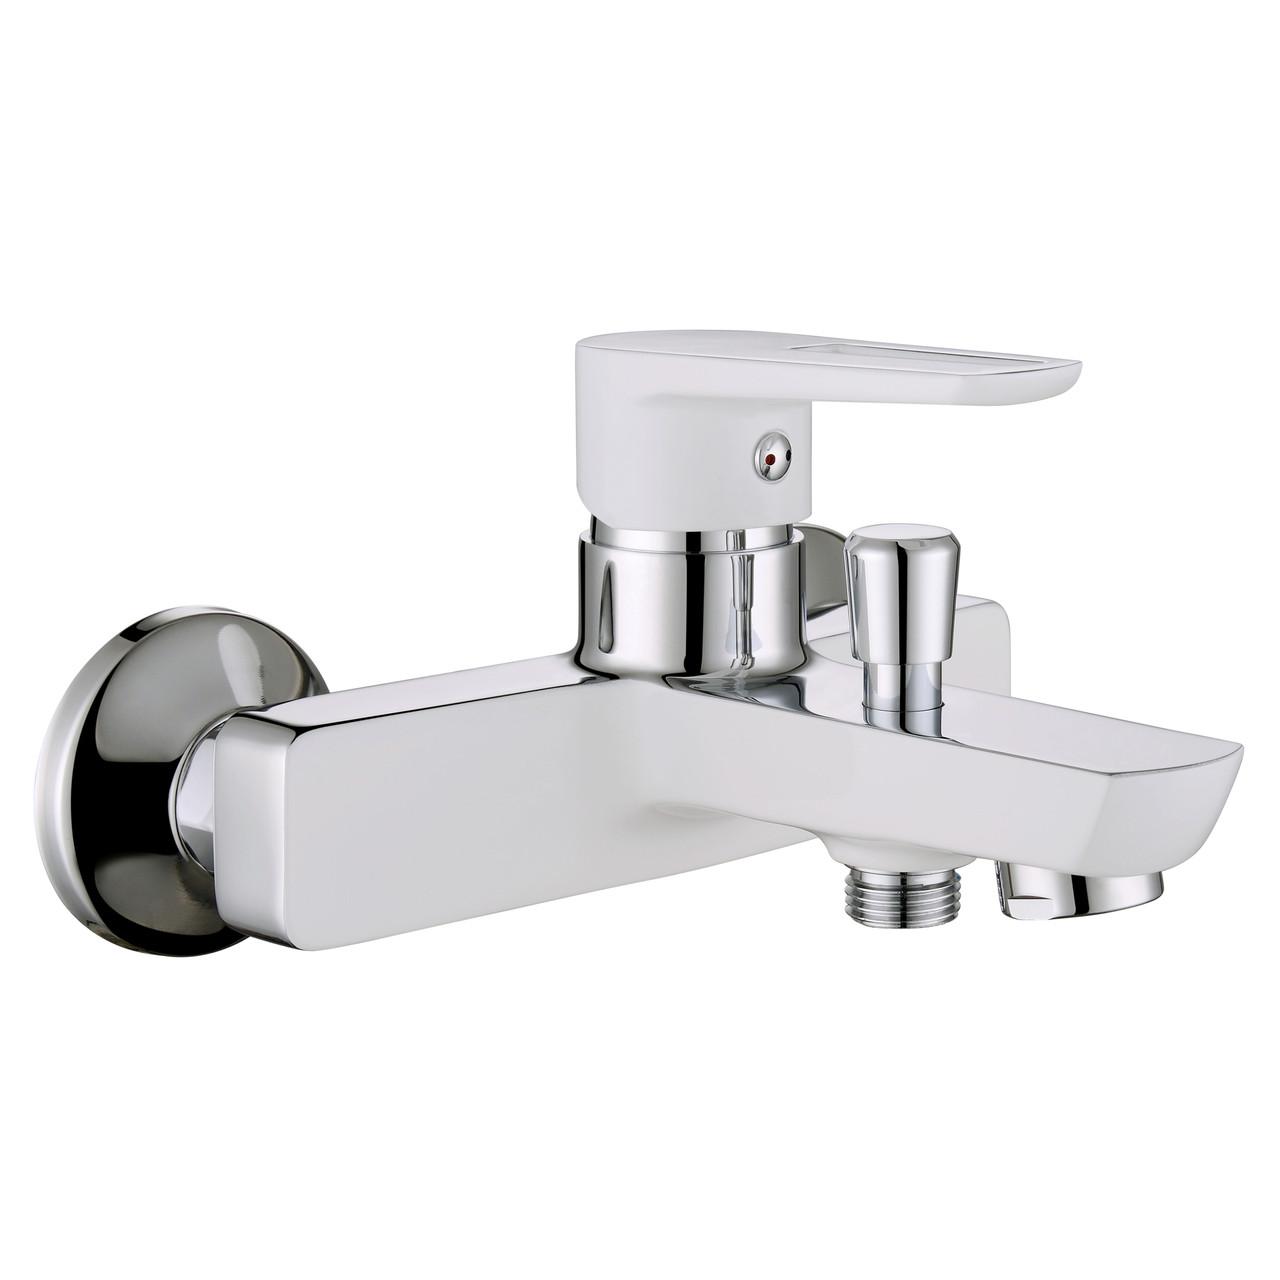 Змішувач для ванни Imprese Breclav 10245W Хром/білий